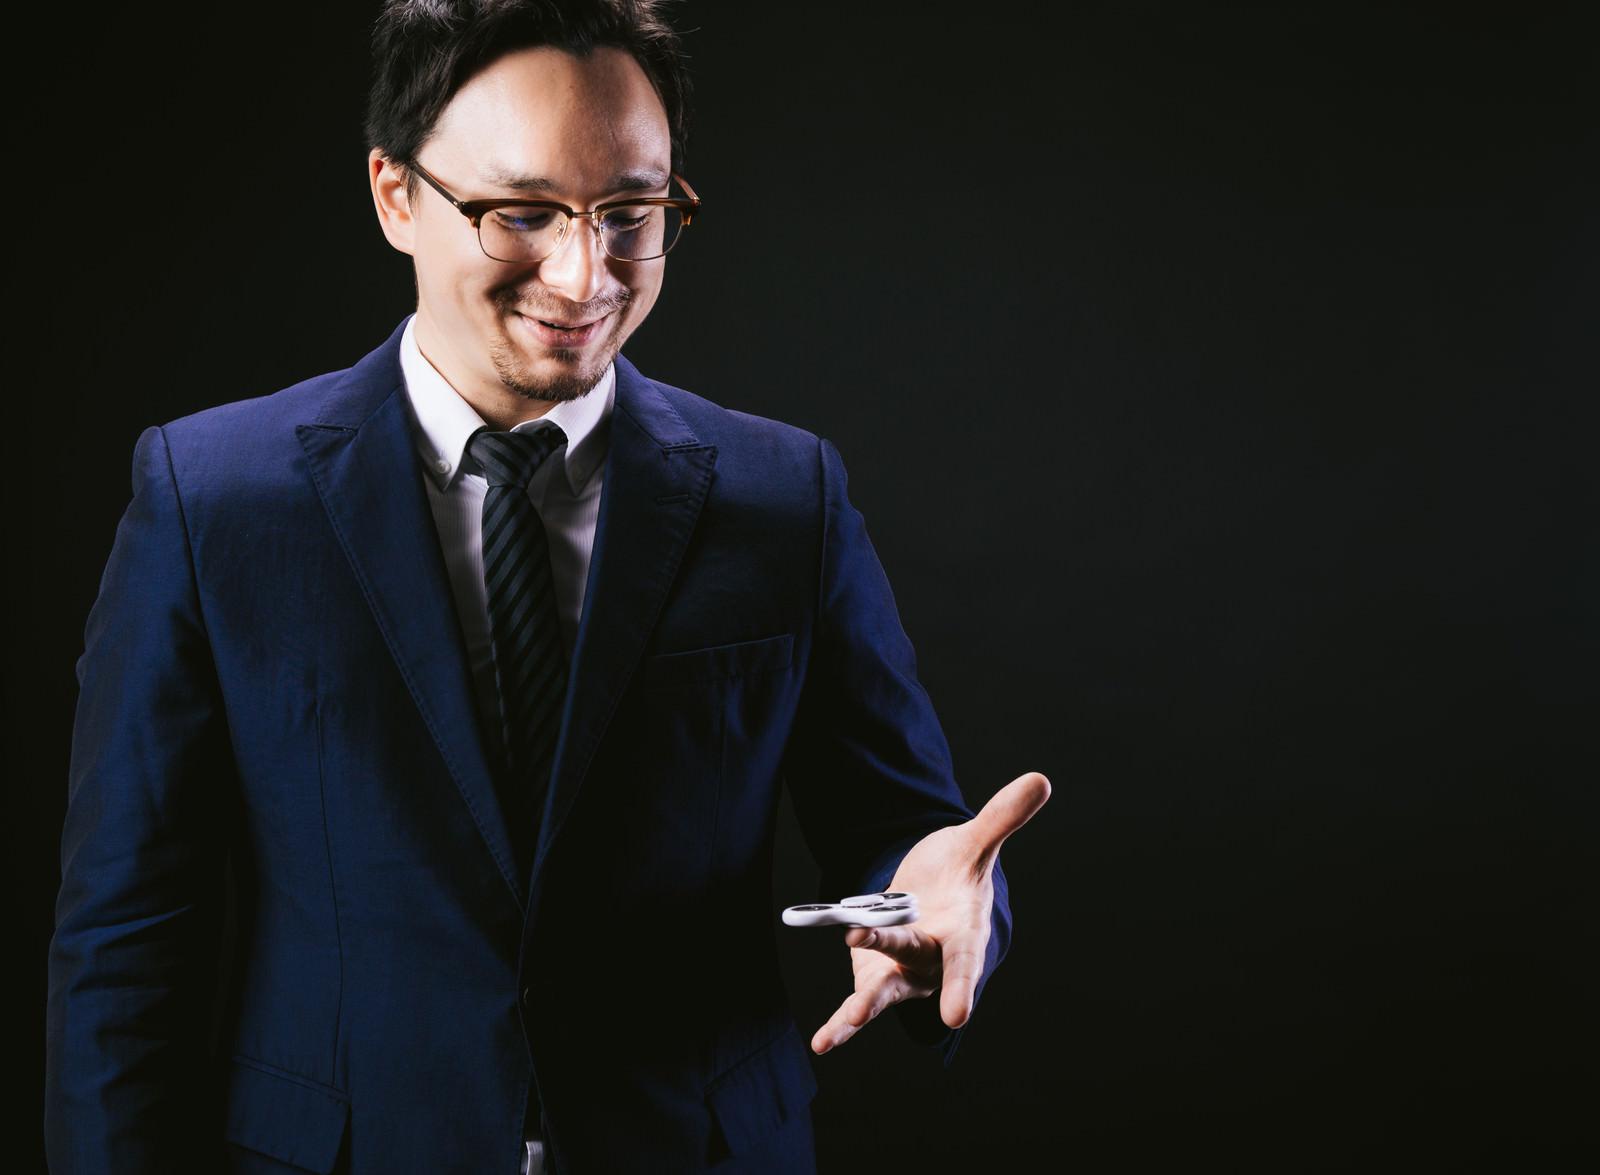 「手のひらで転がすをハンドスピナーで例える外資系手のひらで転がすをハンドスピナーで例える外資系」[モデル:Max_Ezaki]のフリー写真素材を拡大